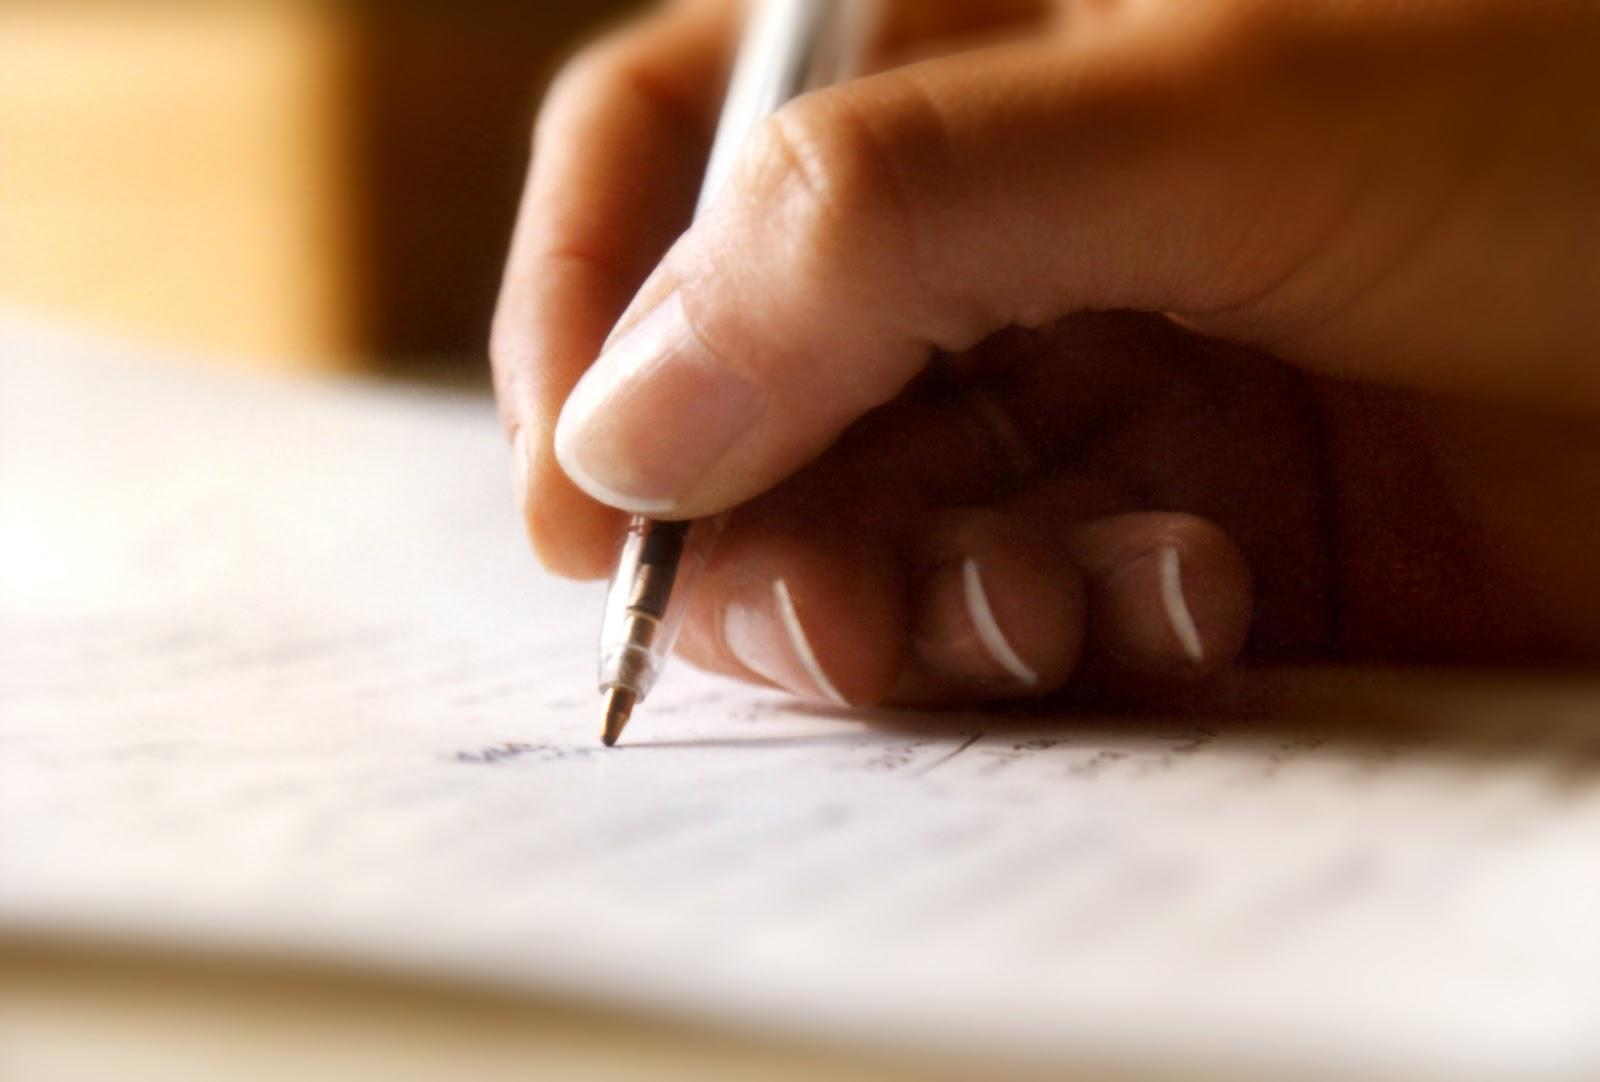 ¿Cómo escribir sobre el dolor? - Radio Cantilo